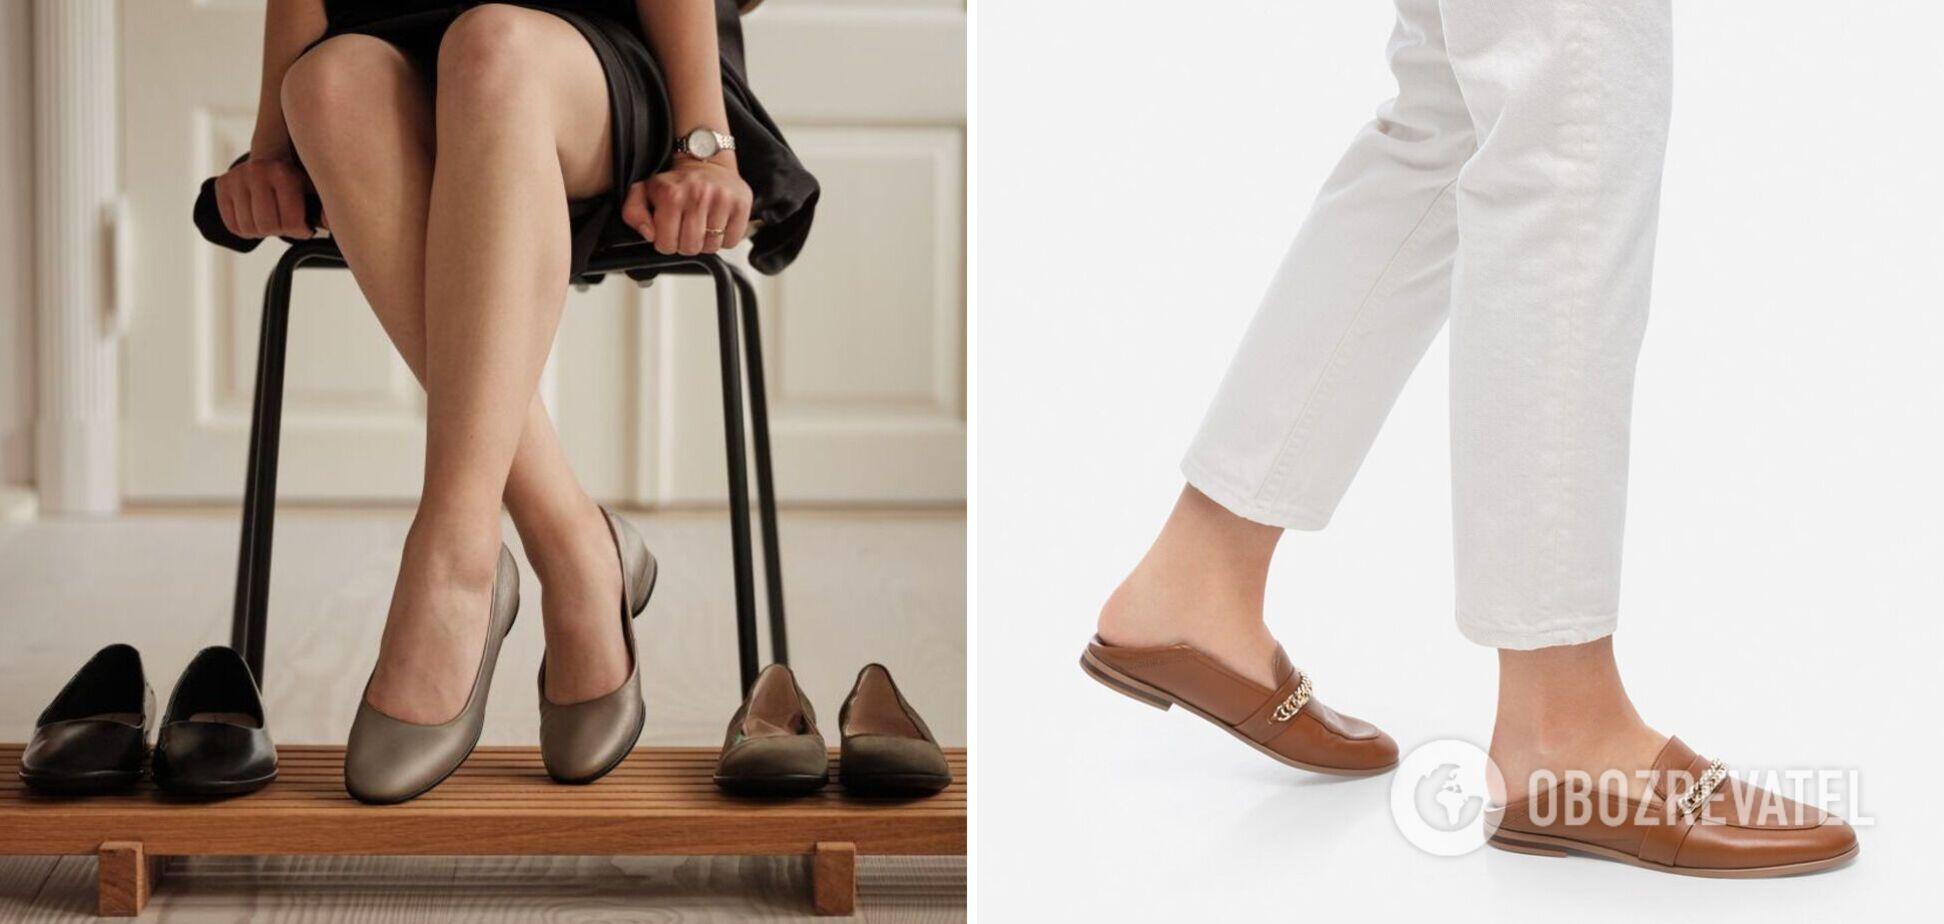 Стилист показала обувь прошлого века и современную, которая всегда остается в моде